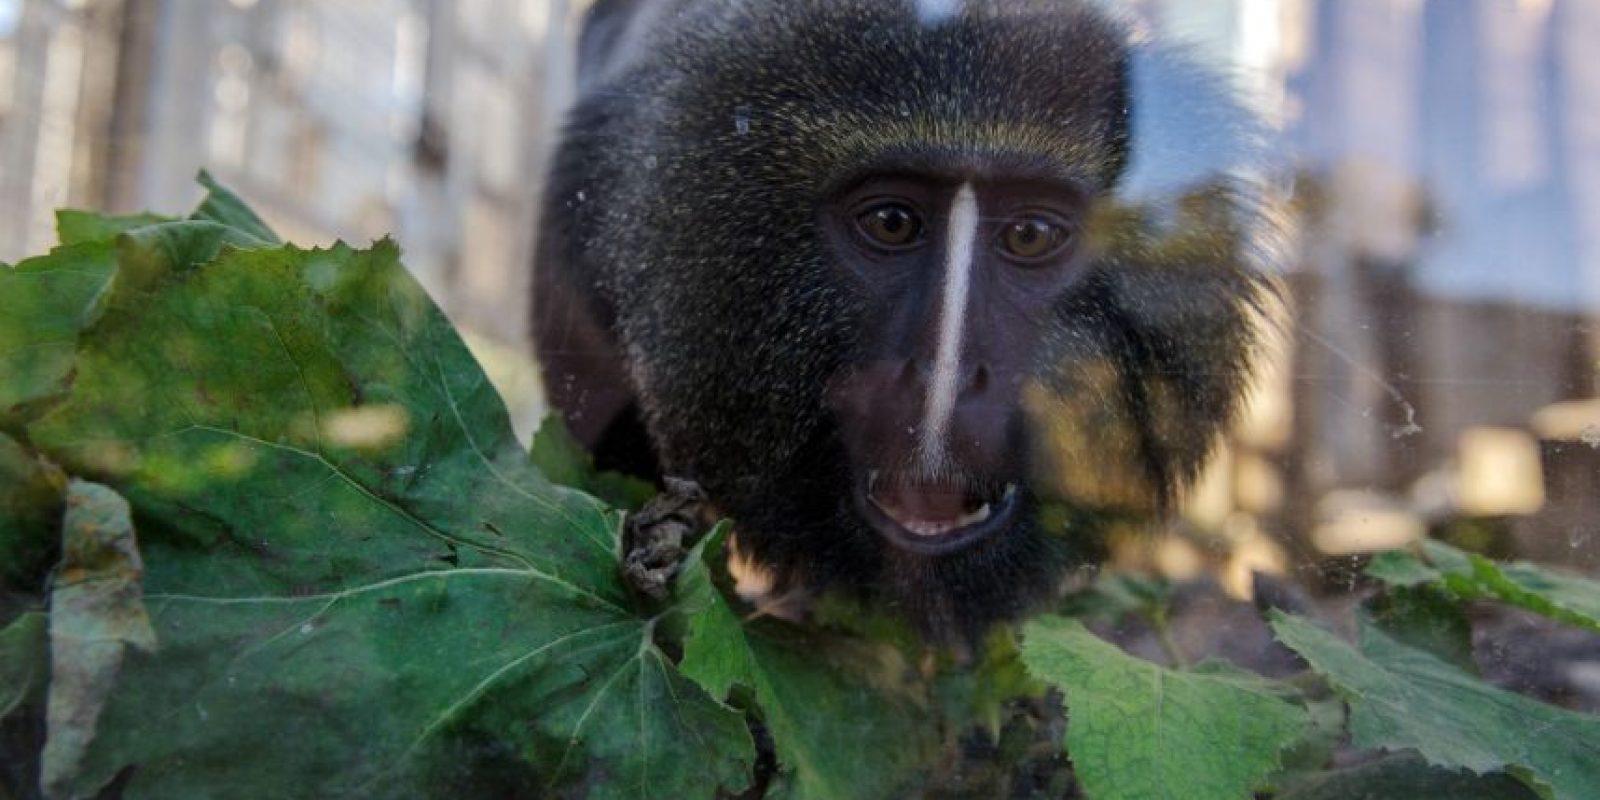 El adorable mono parece enojado y temeroso a través del vidrio del lugar en el que está encerrado. Foto: AFP